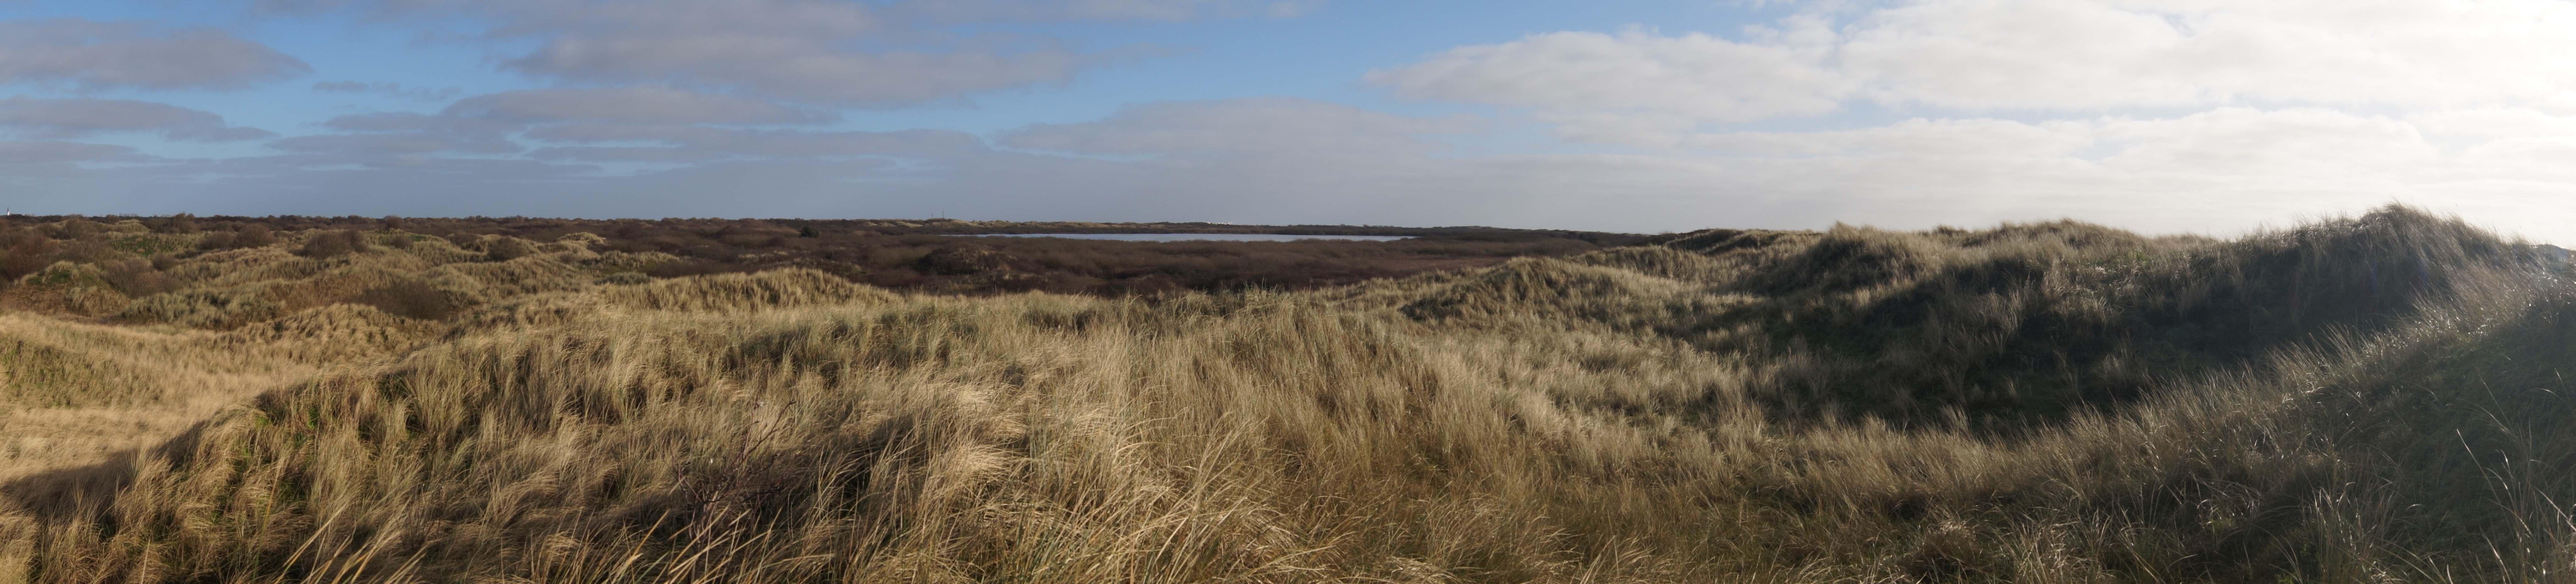 De duinen bij de Horsmeertjes in het zuiden van Texel